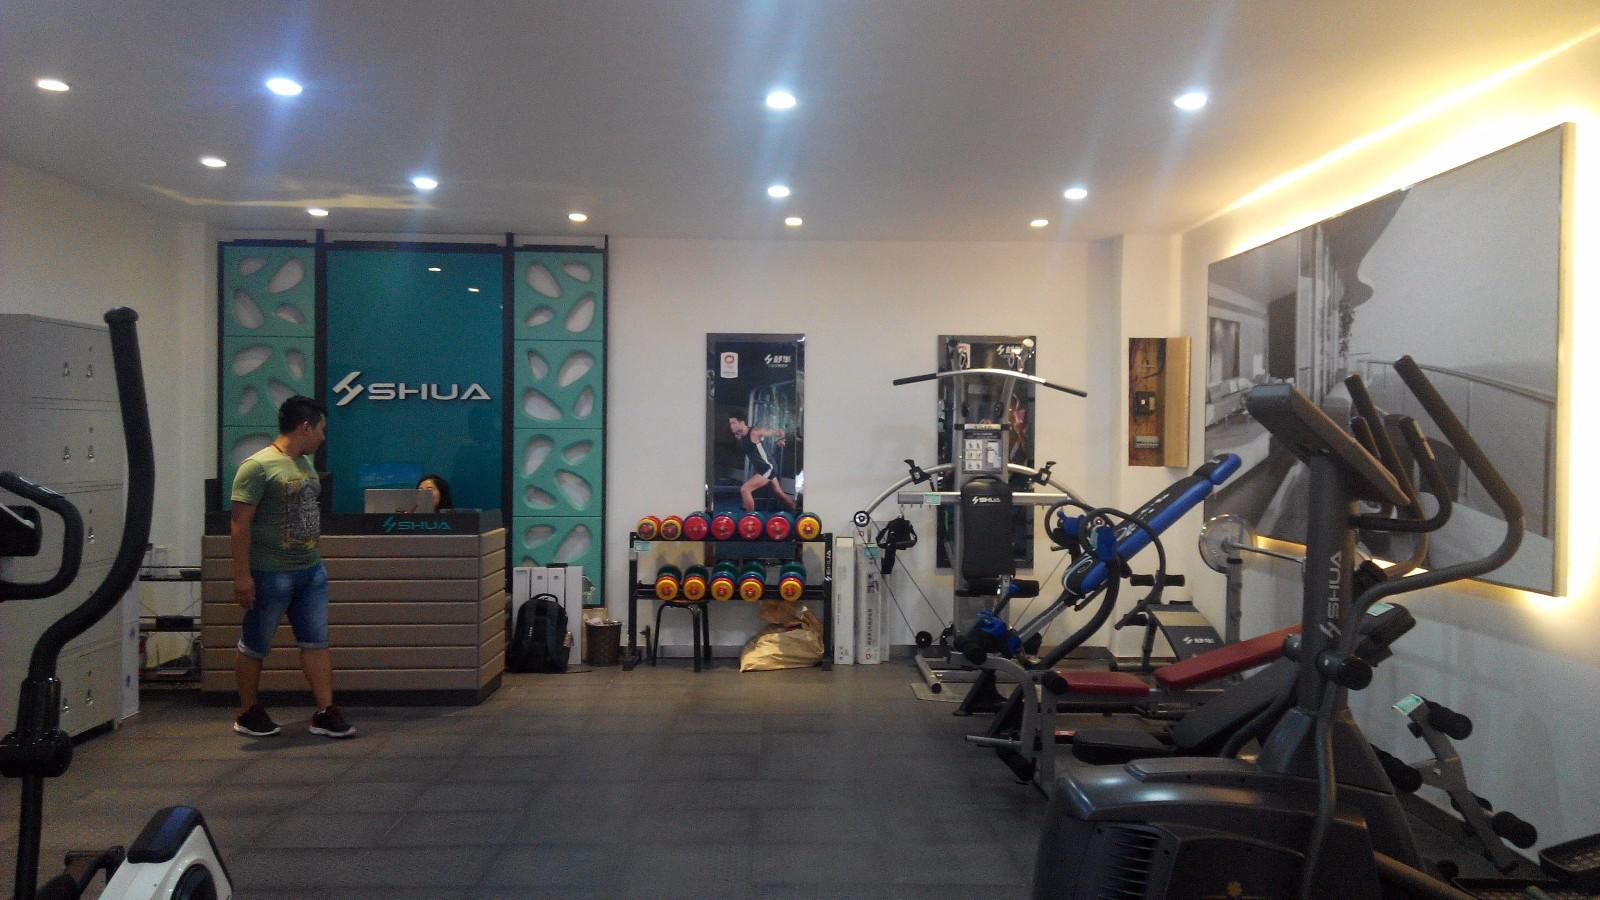 健身器材店_舒华健身养身器材(陵园路店)